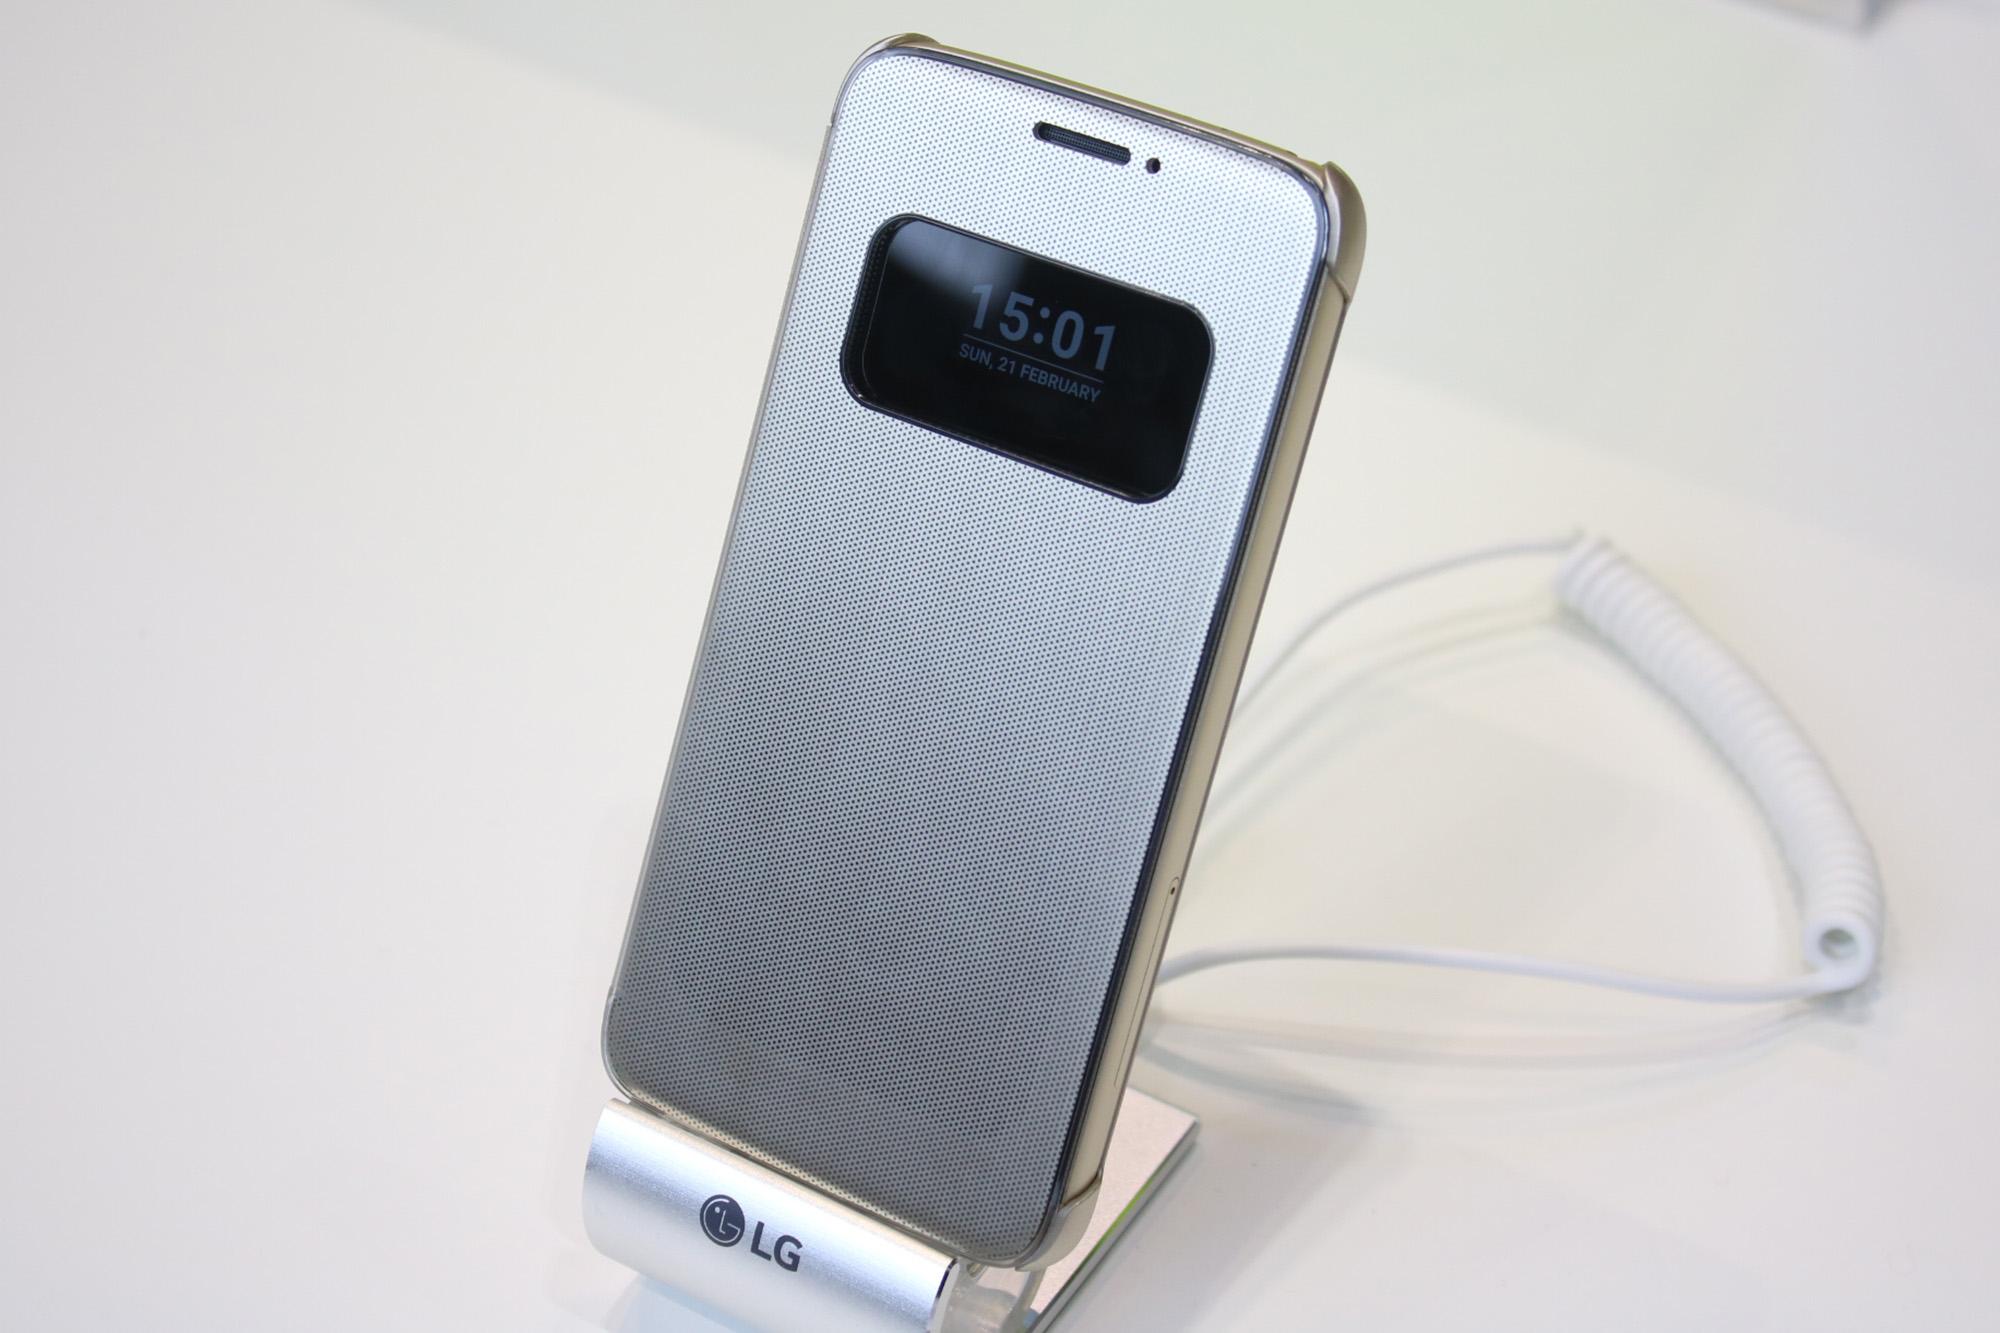 LGG5-8